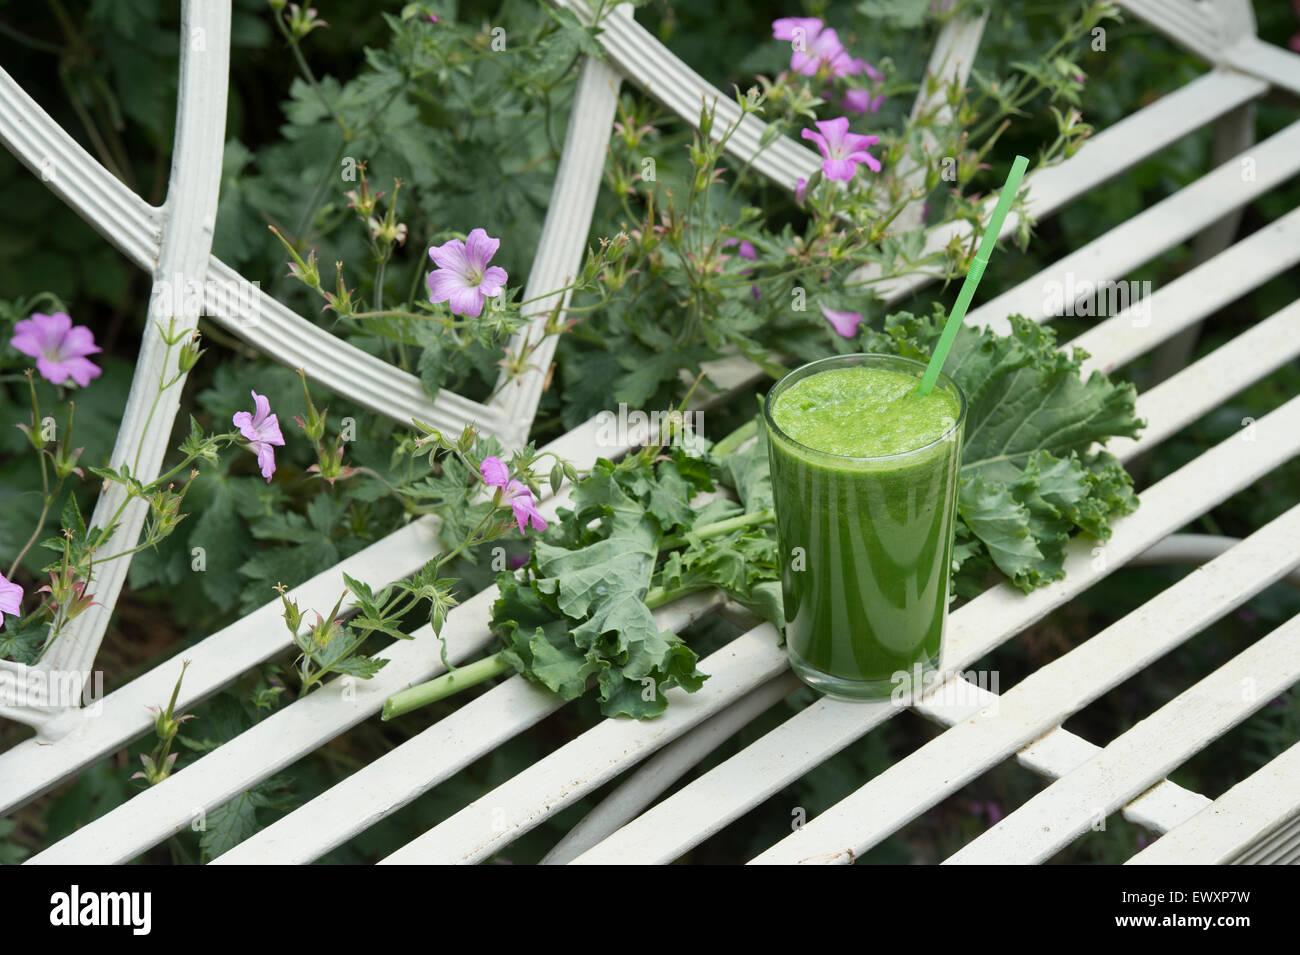 Materie foglia verde e frullato di frutta in un bicchiere Immagini Stock